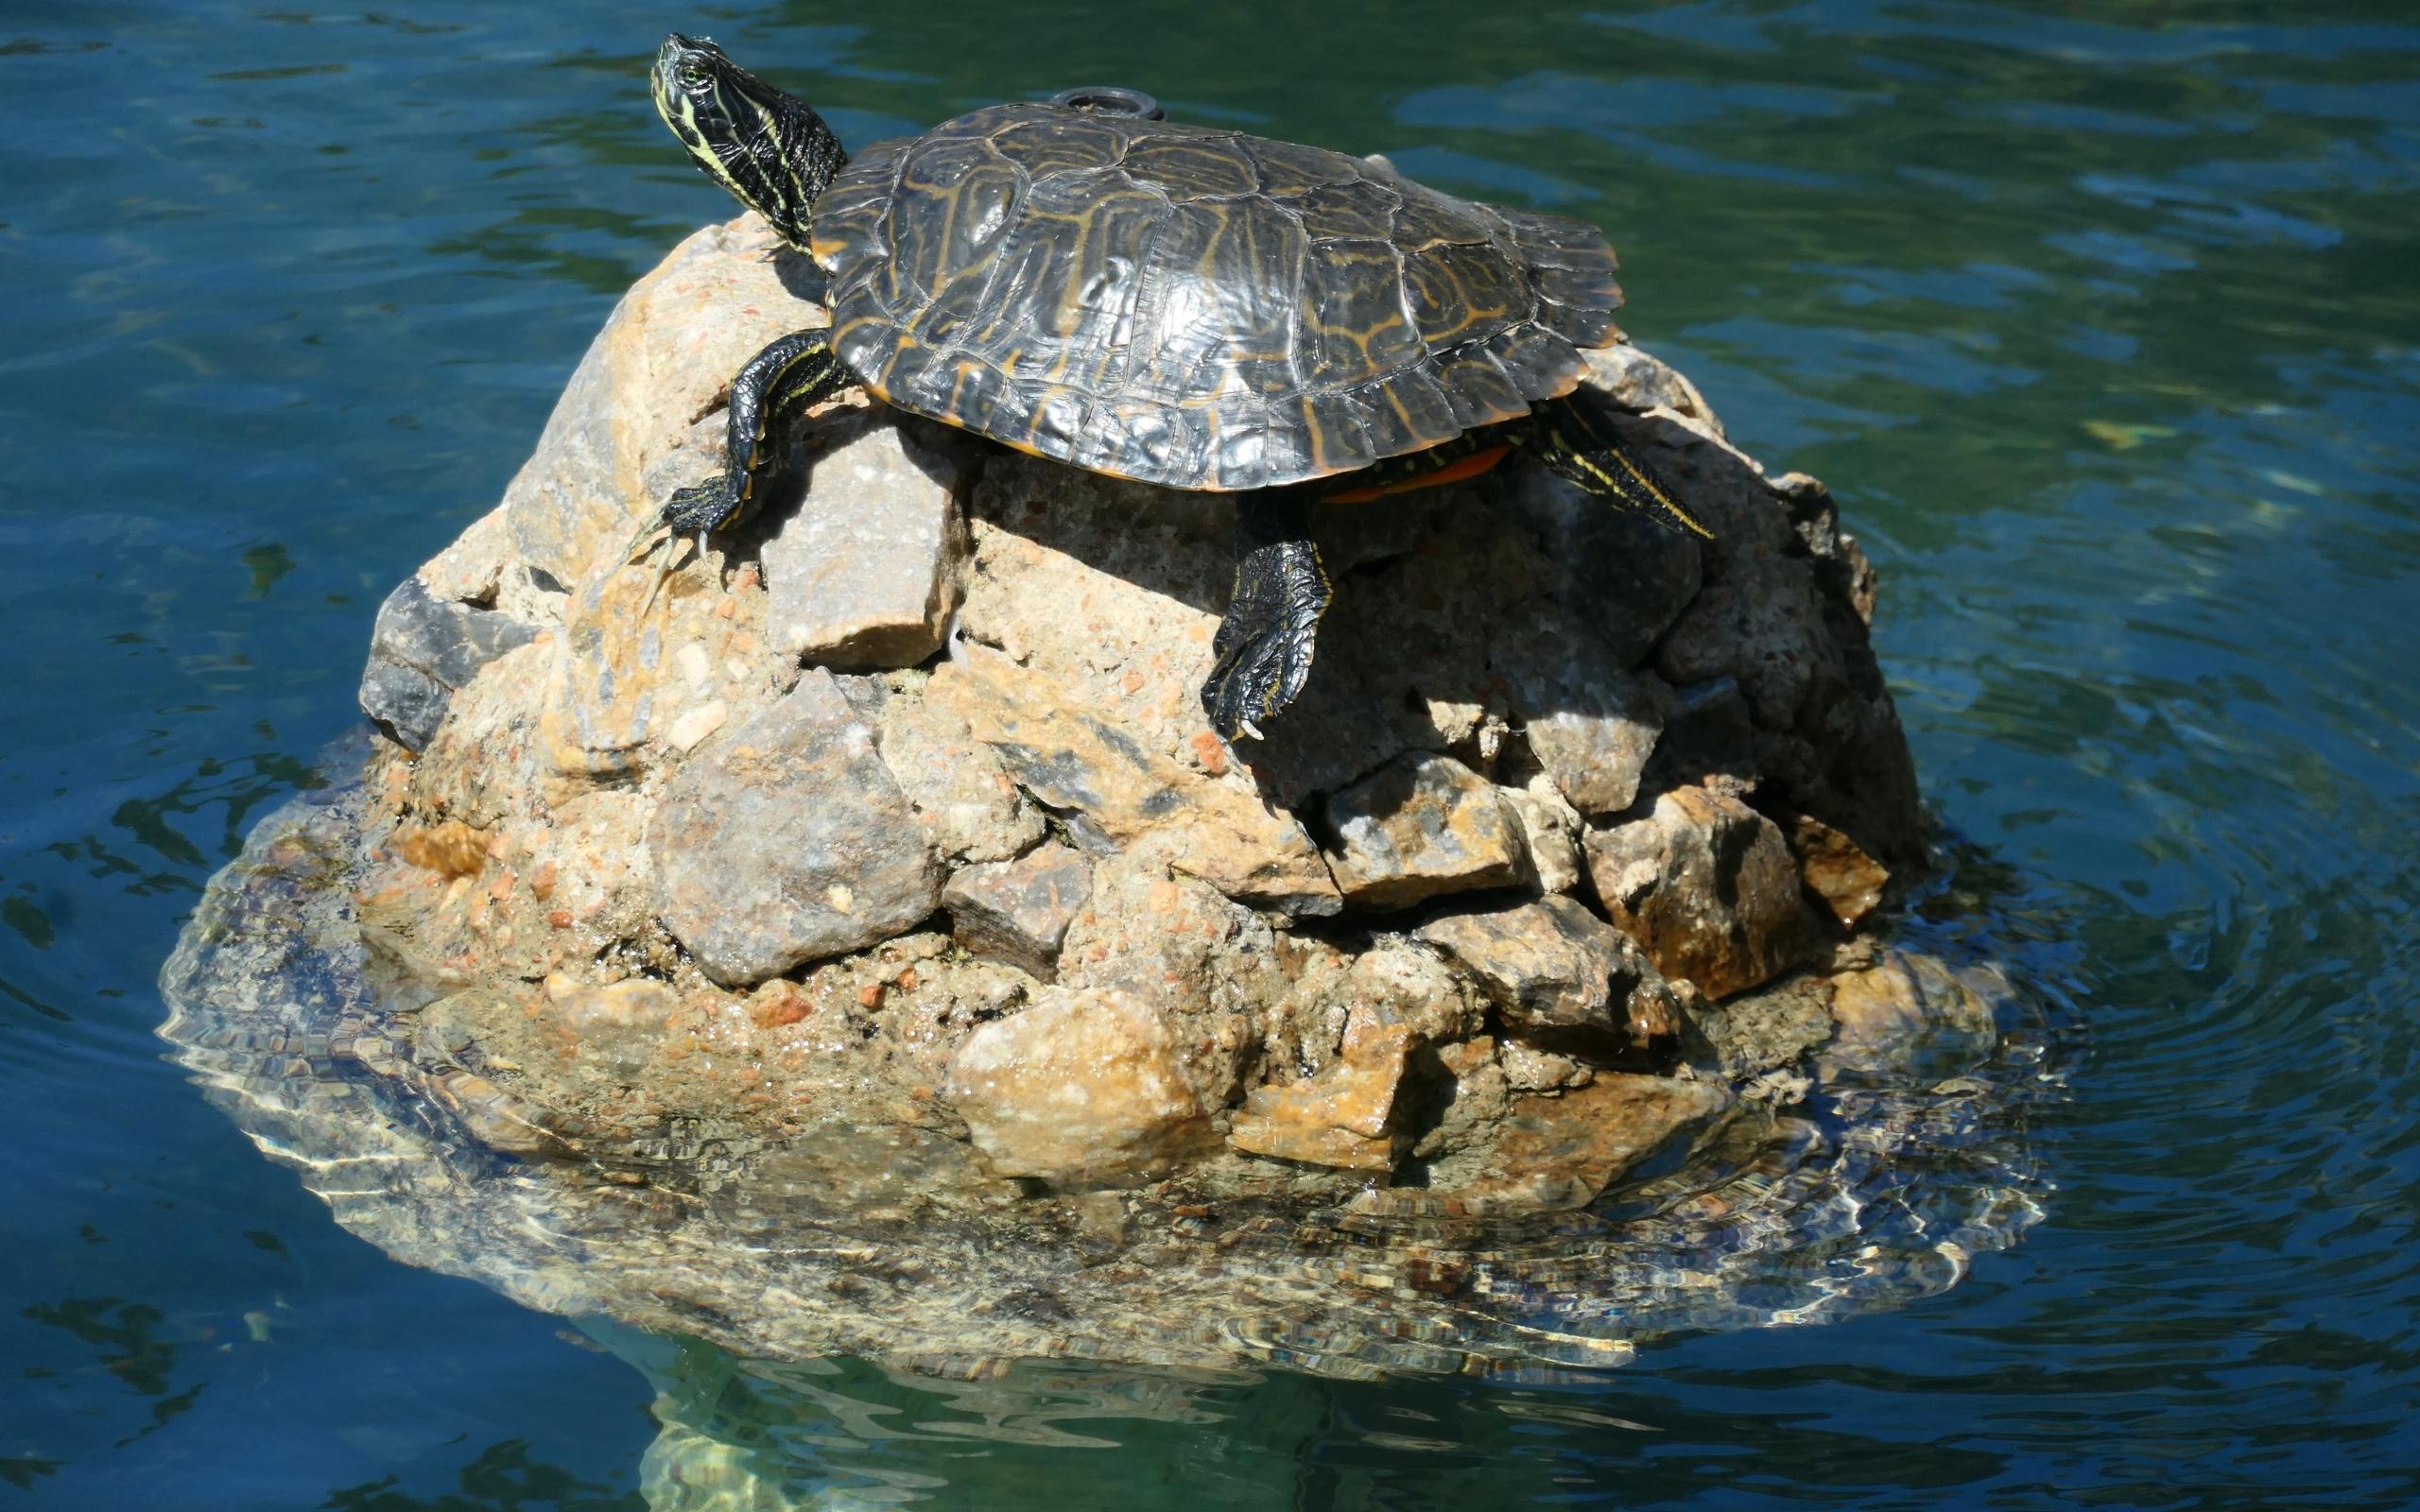 водо, камень, черепаха